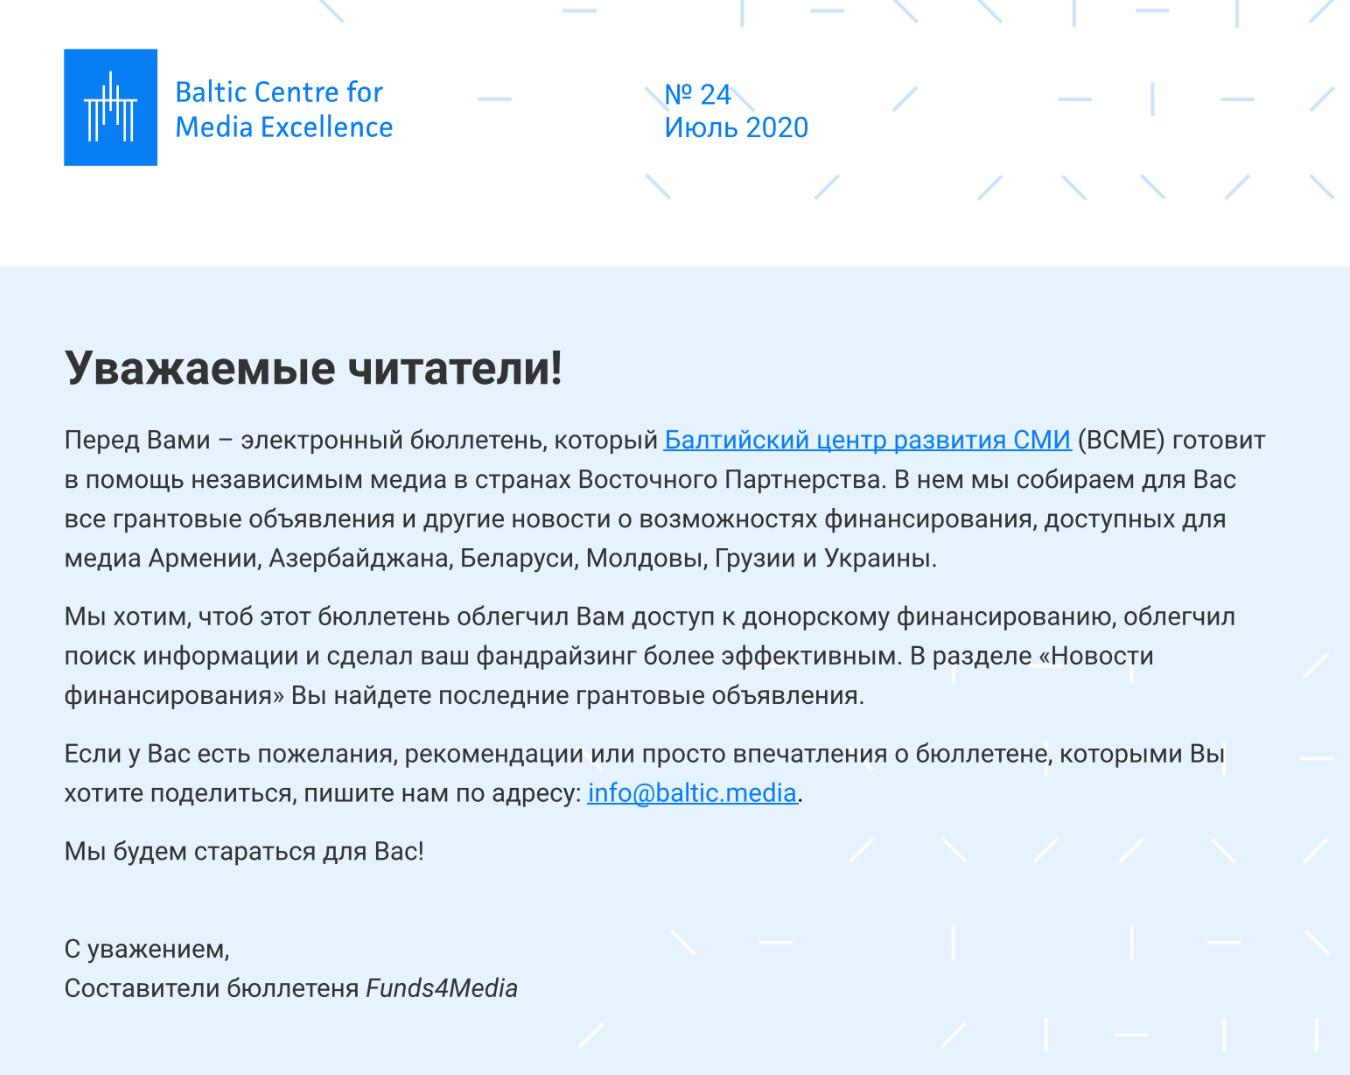 Бюлетень Балтійського центру розвитку ЗМІ. Випуск 24. Липень 2020 р.